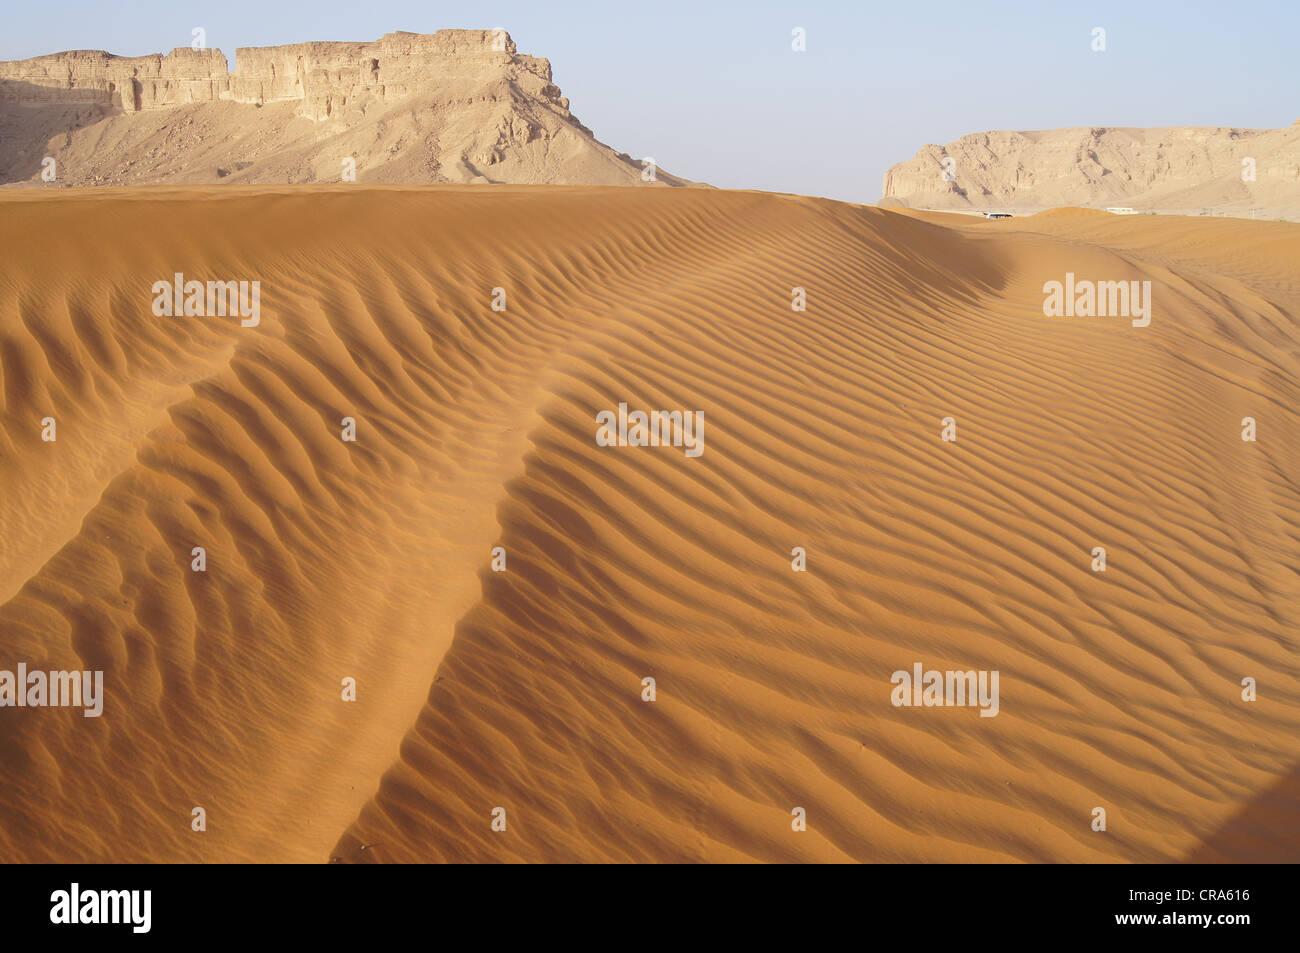 Dunes de sable avec des formations rocheuses en arrière-plan prises sur les Sables rouges, Riyadh, Royaume Photo Stock